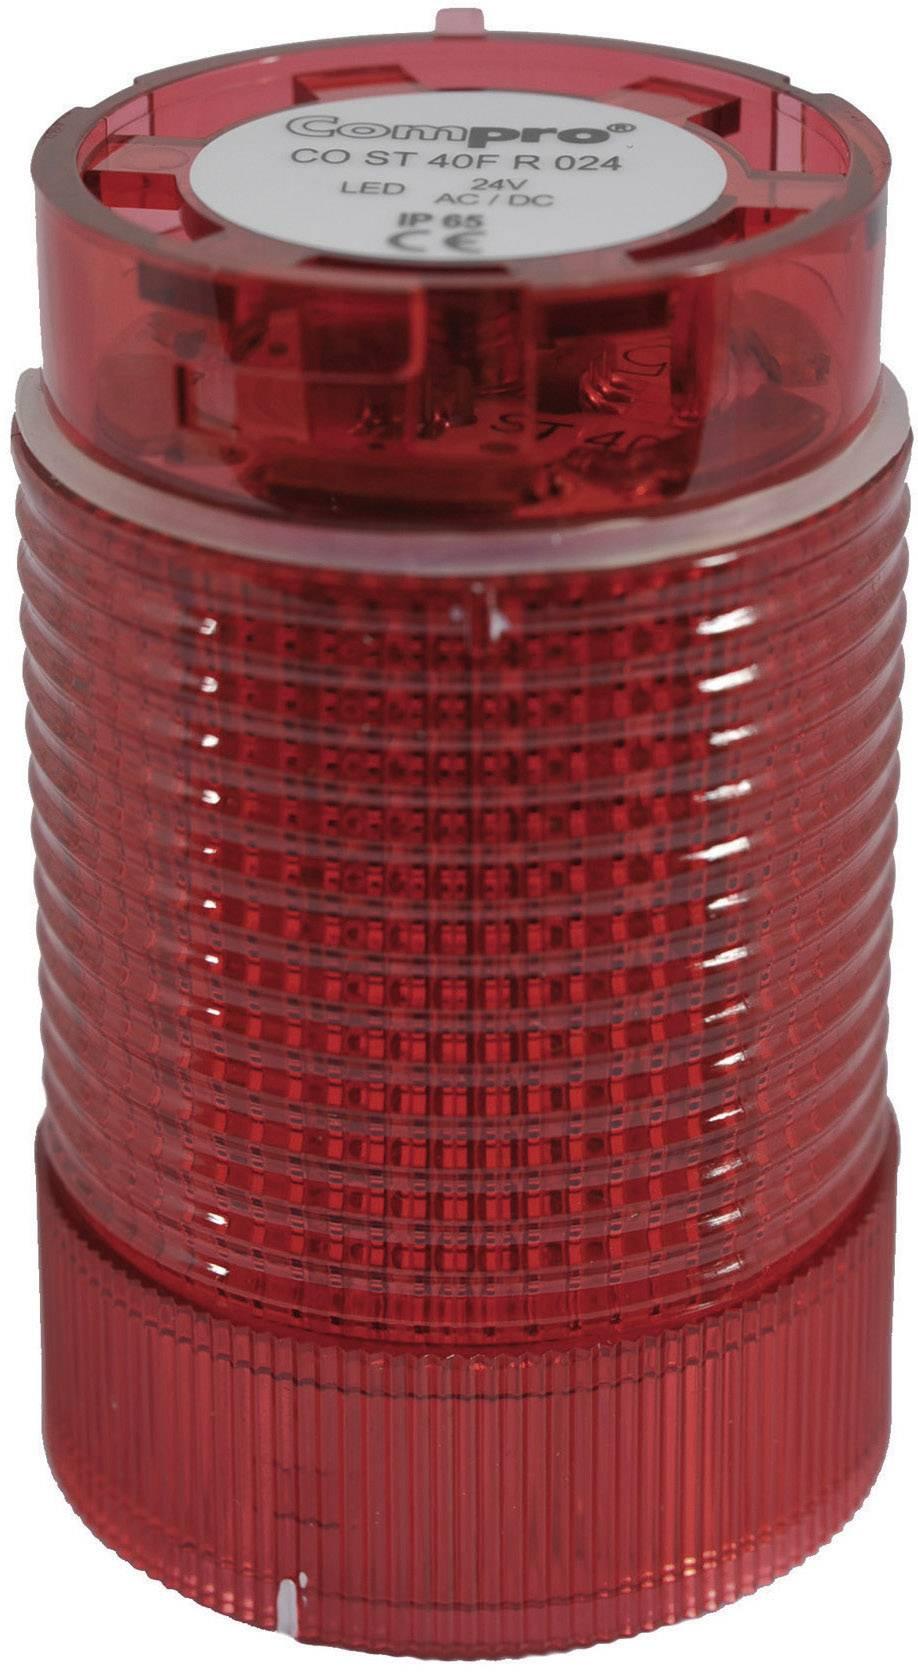 Súčasť signalizačného stĺpika LED ComPro CO ST 40 CO ST 40 RL 024 4F, 75 dB, 24 V/DC, 24 V/AC, trvalé svetlo, blikanie, výstražný maják, červená